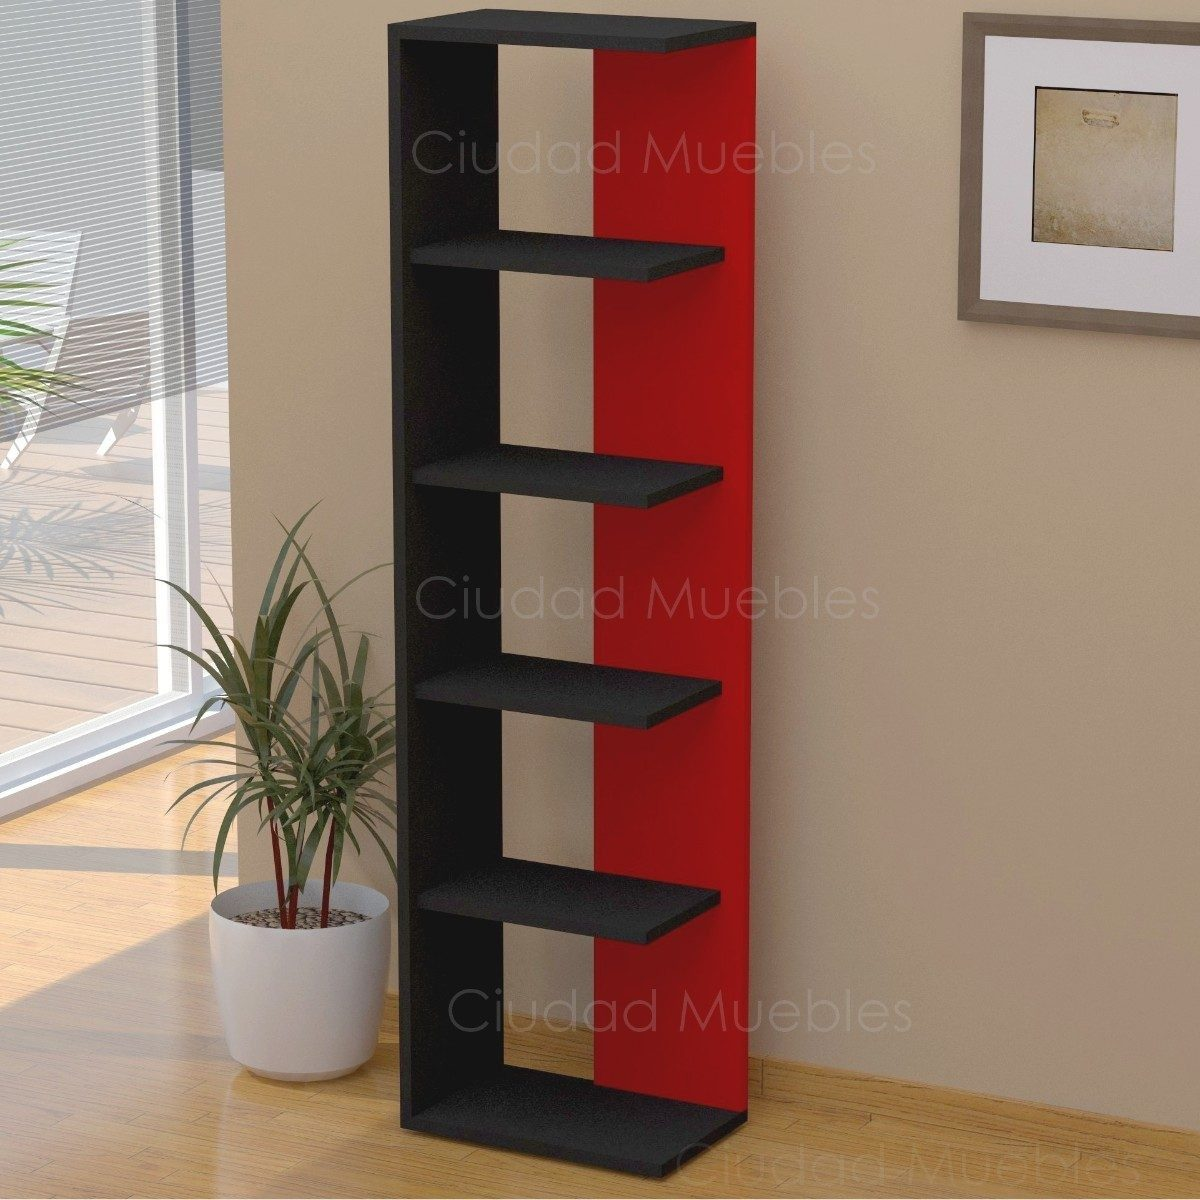 Biblioteca estante de melamina s 160 00 en mercado libre - Imagenes de muebles esquineros ...